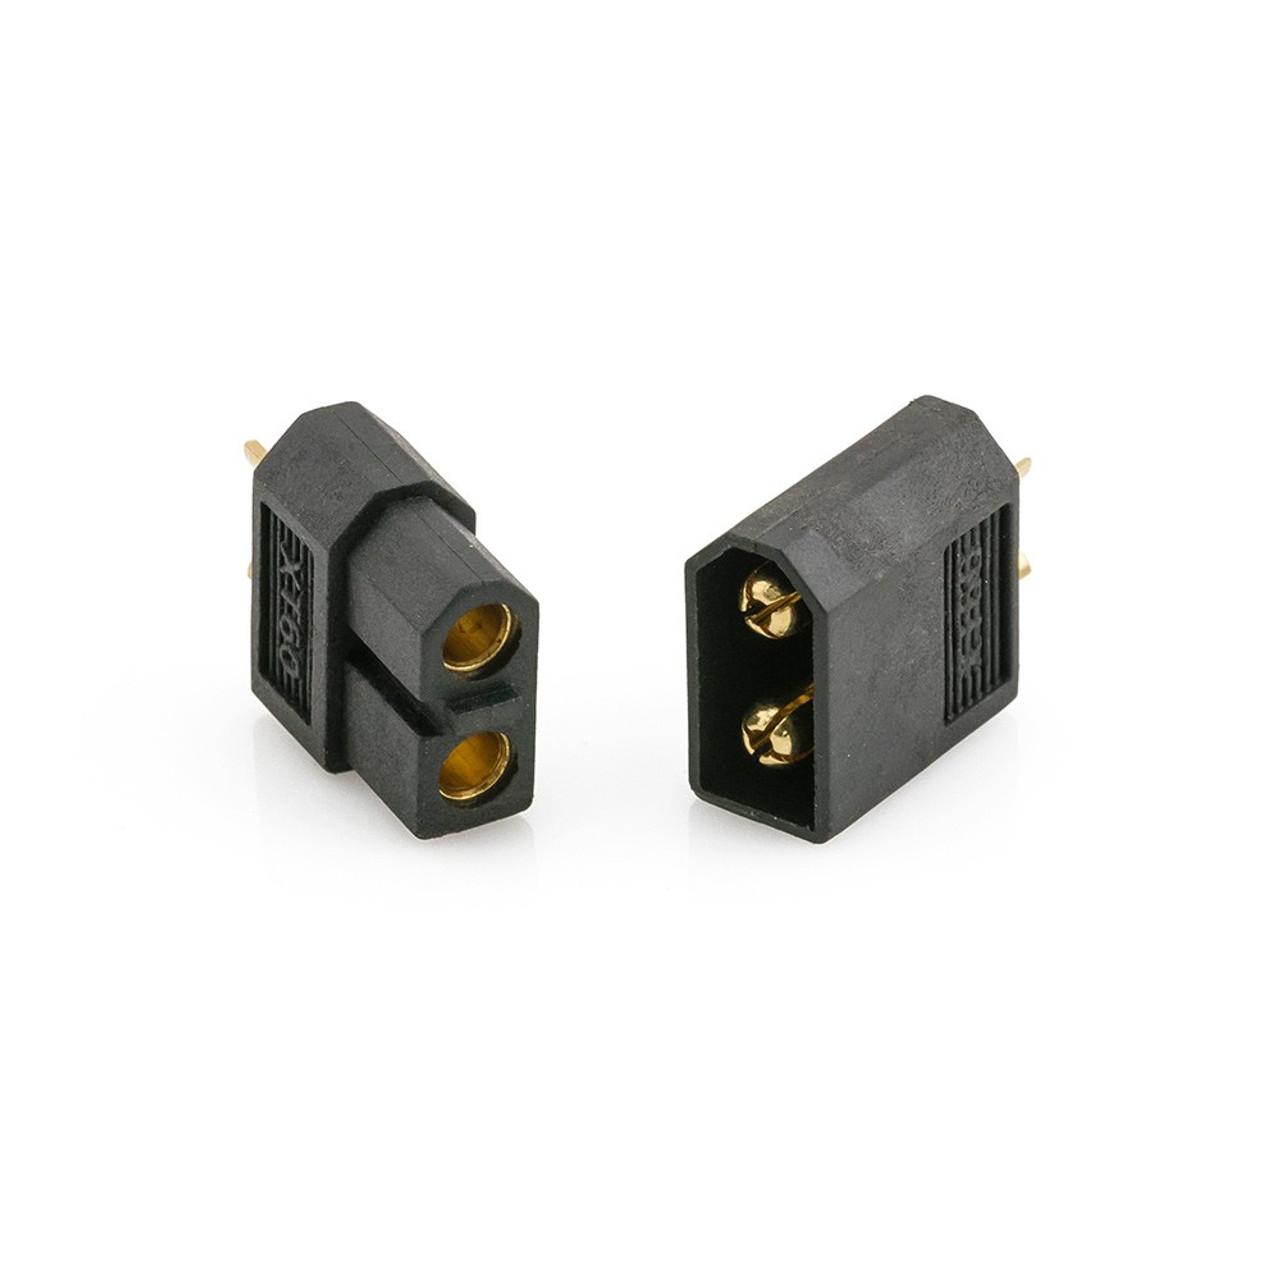 XT60 AMASS Male & Female Connectors